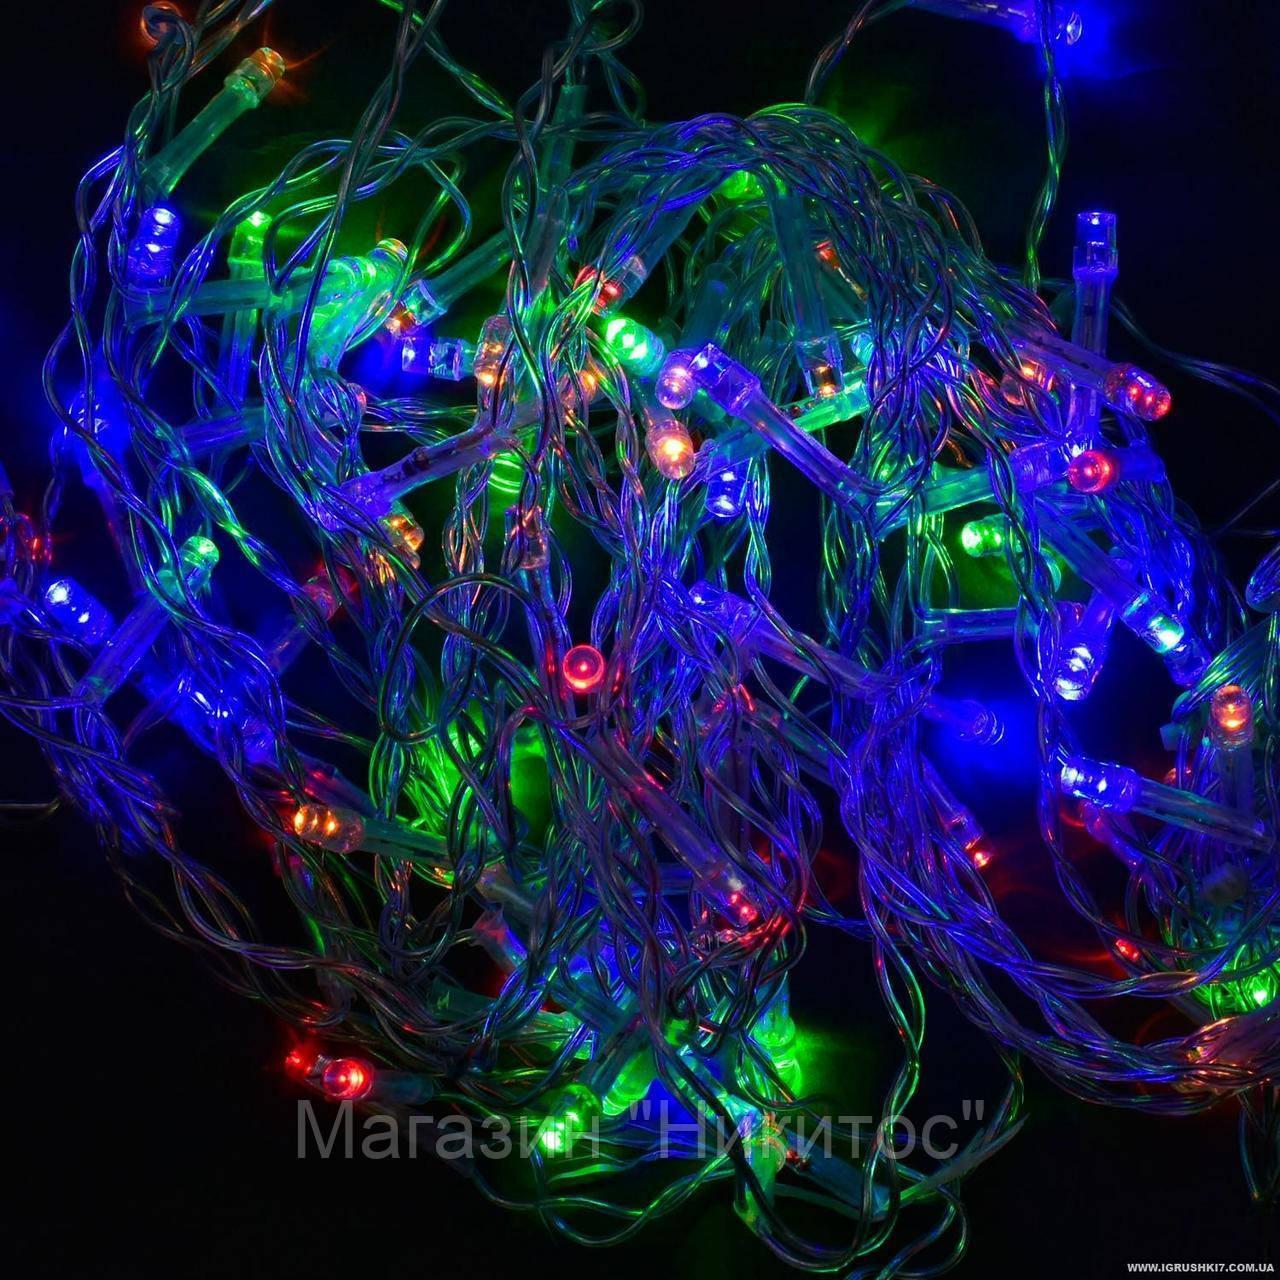 SALE!Гирлянда-штора светодиодная С 31311 (100) 100 лампочек, длина провода 3 метра, длина веток 70 см